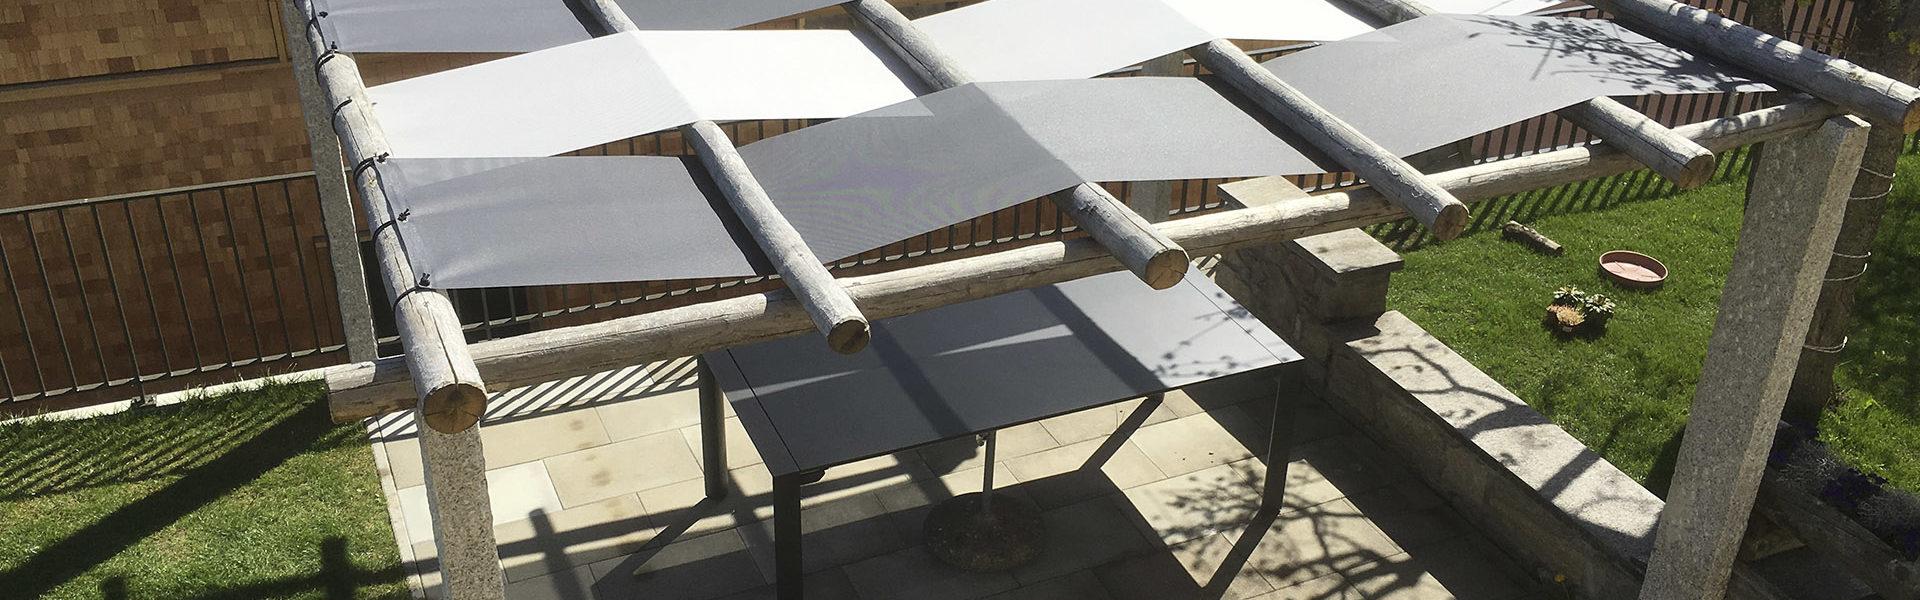 Sonnentücher mit Ösen über einem Sitzplatz montiert.